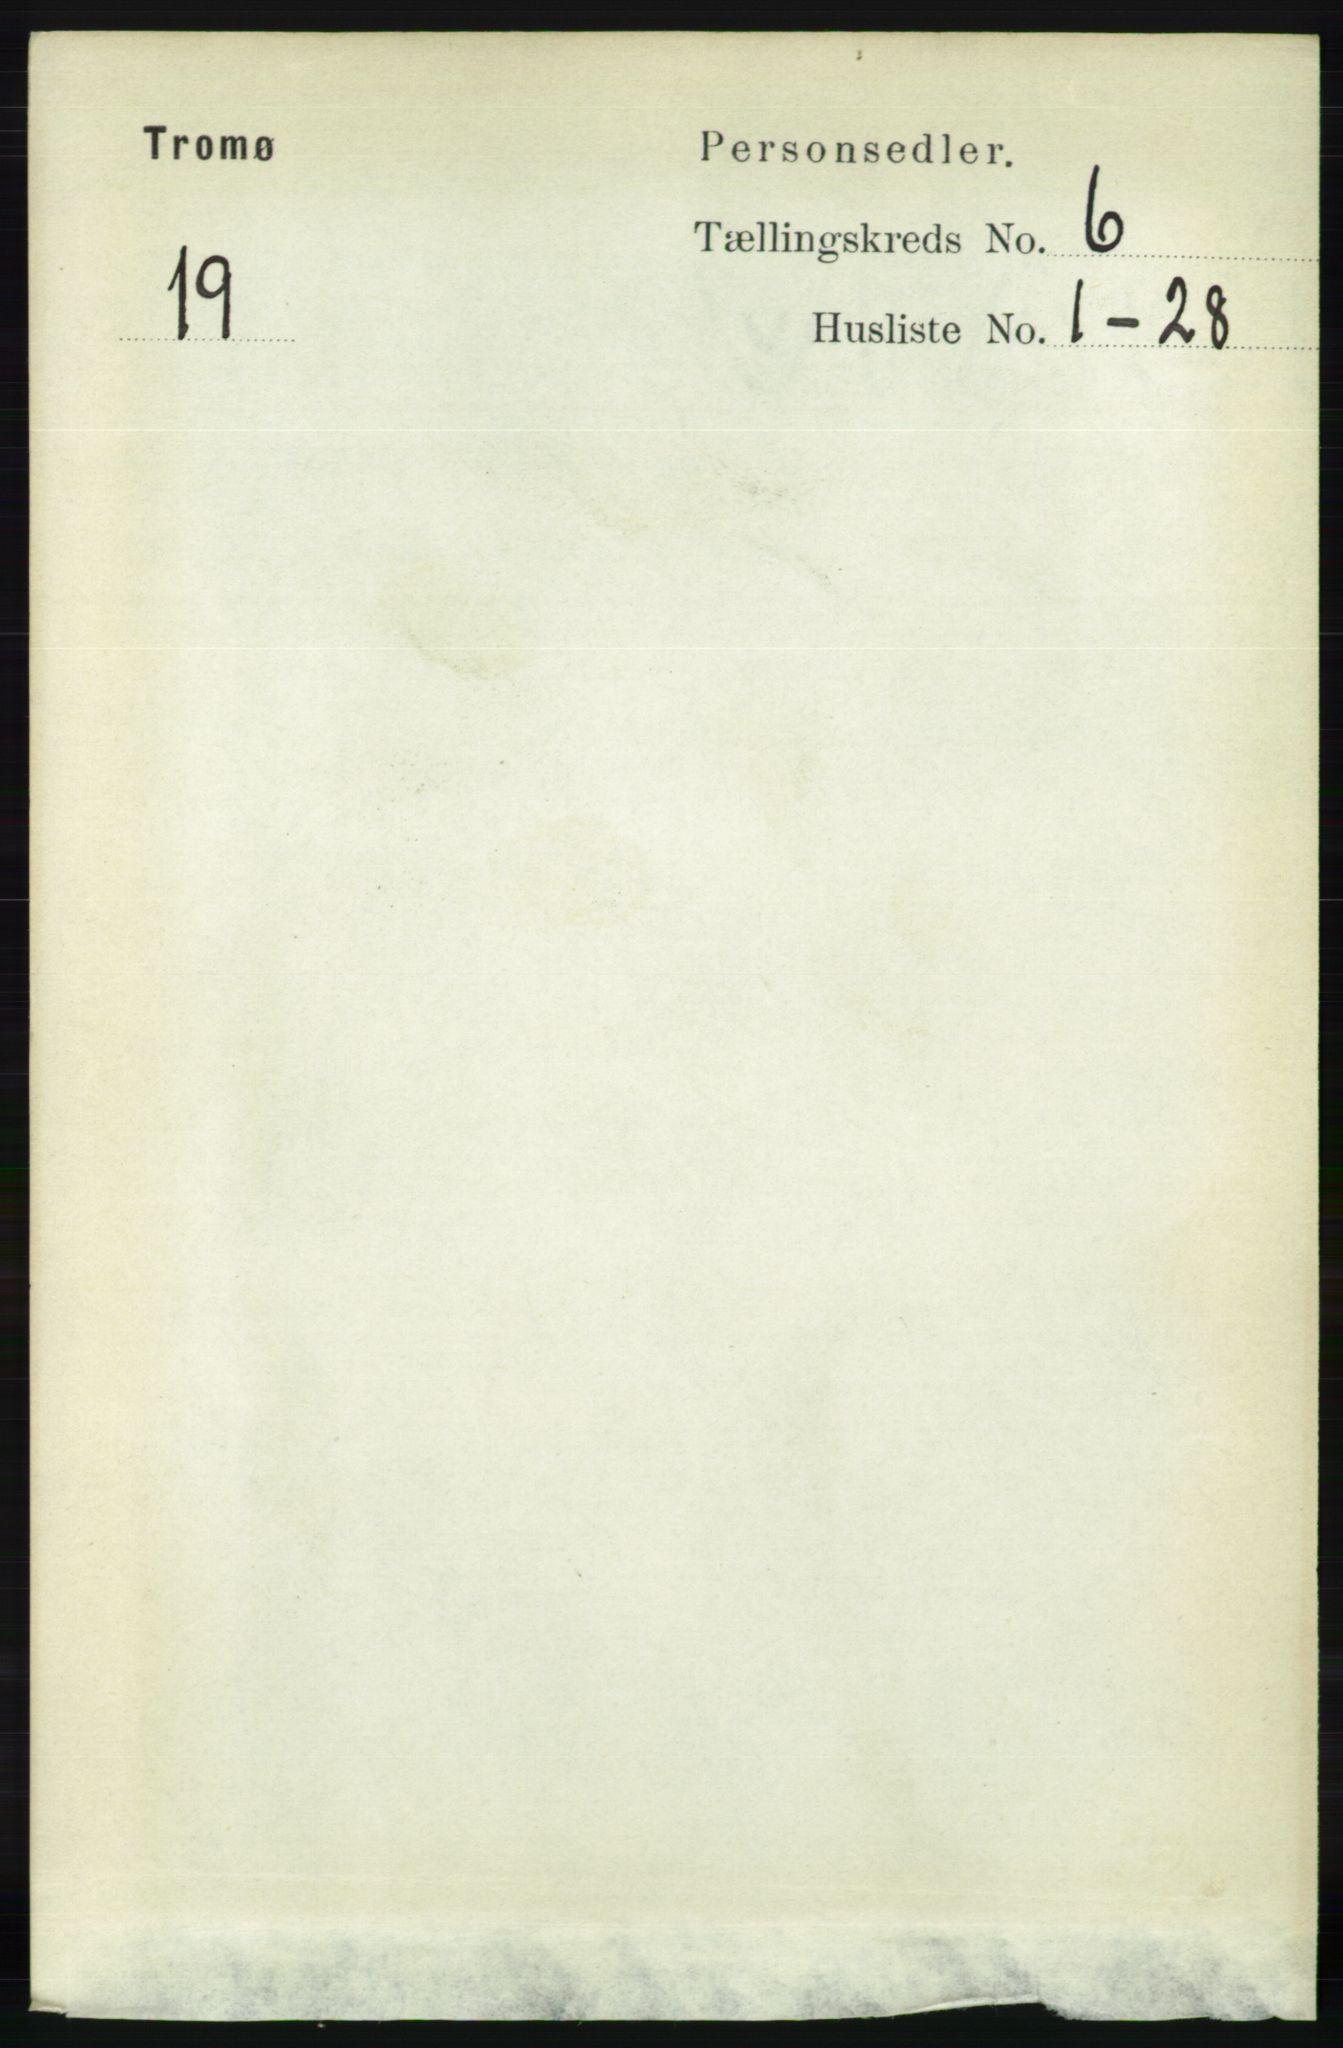 RA, Folketelling 1891 for 0921 Tromøy herred, 1891, s. 2865